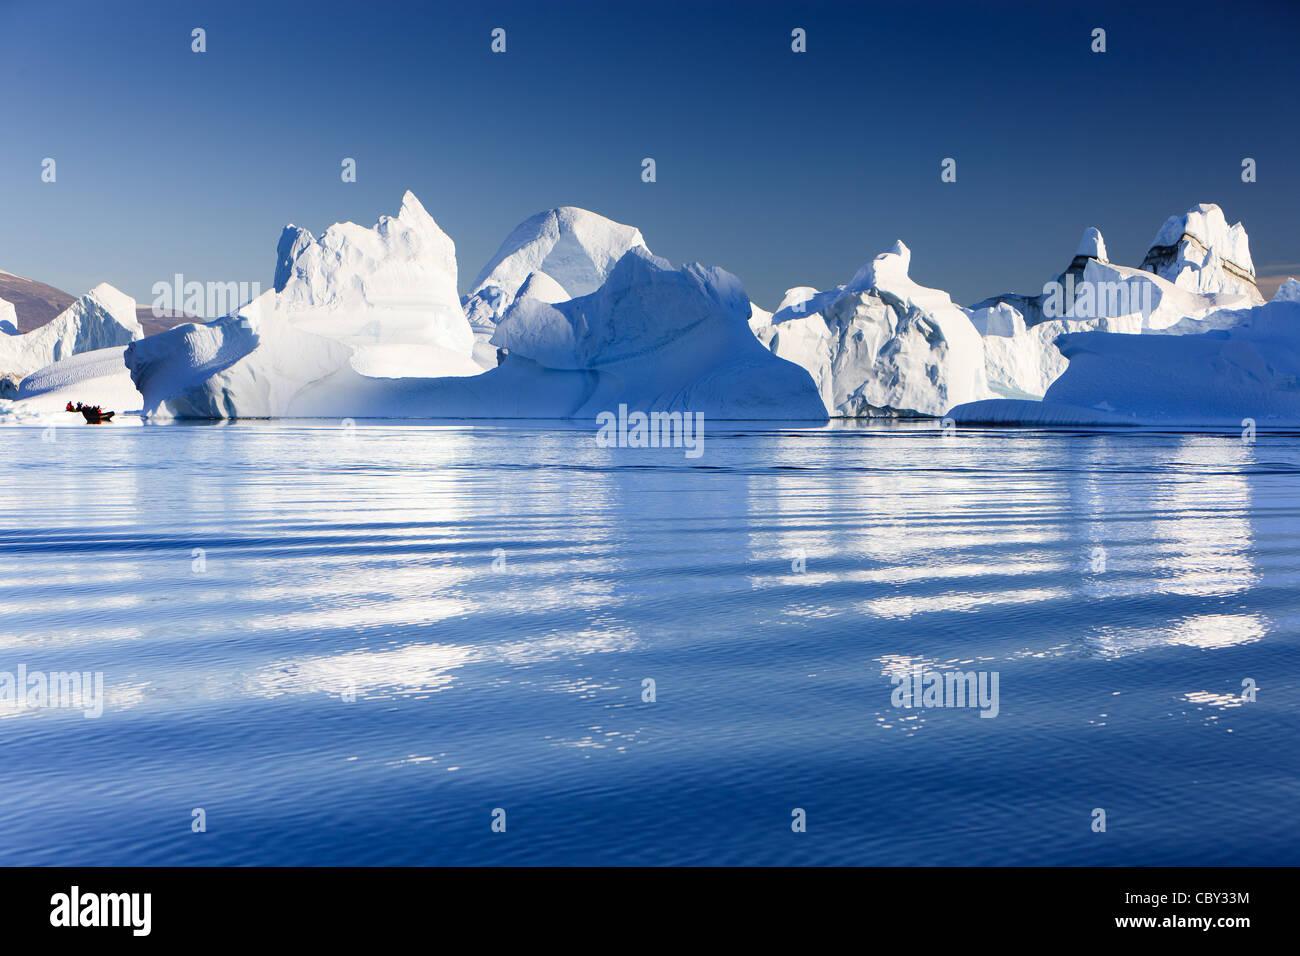 Crociera tra gli iceberg a Røde Ø, Scoresby Sund in Groenlandia Immagini Stock